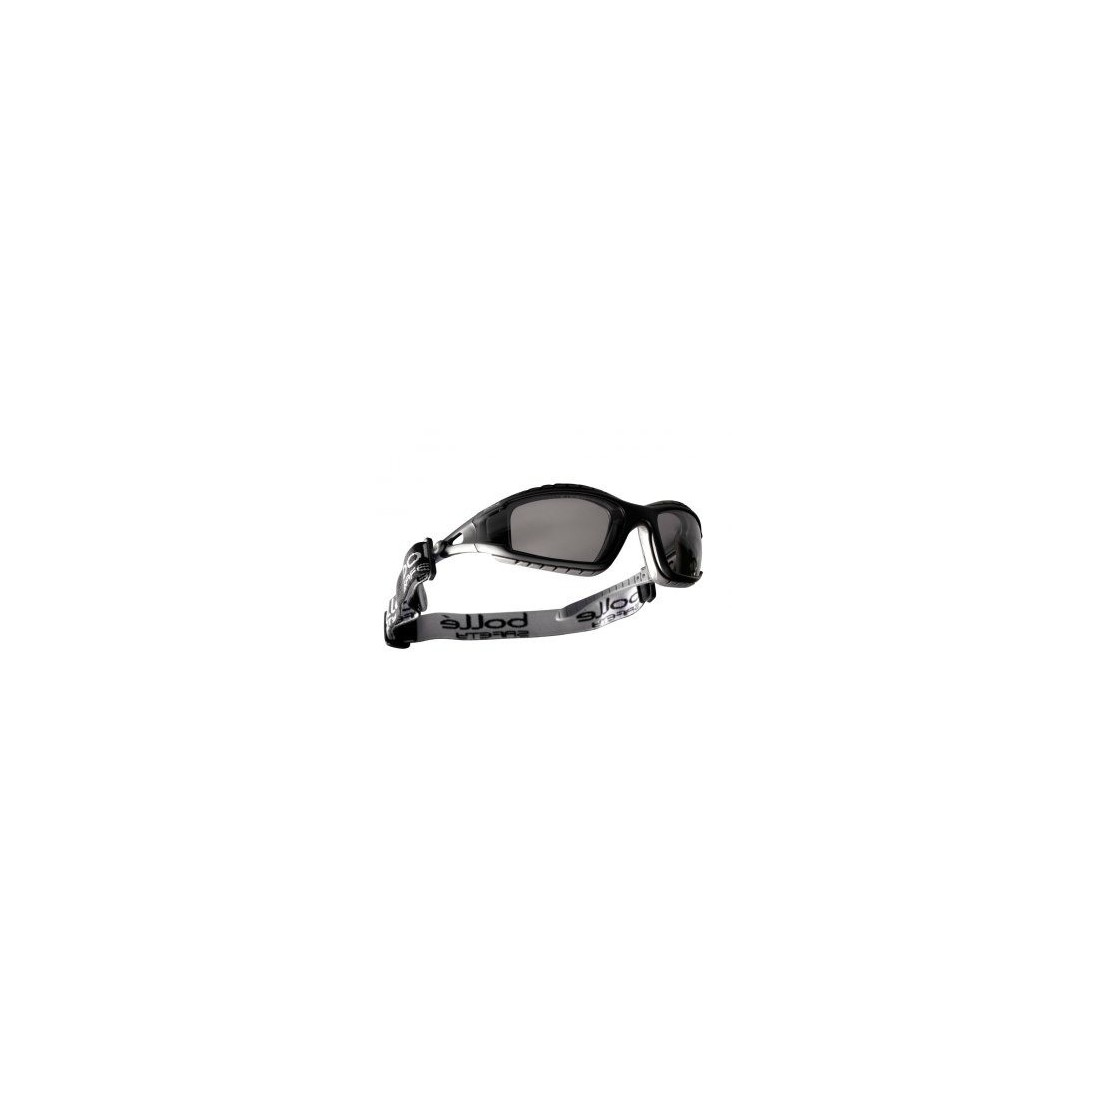 Gafas de seguridad ahumada con elástico mod. Tracker